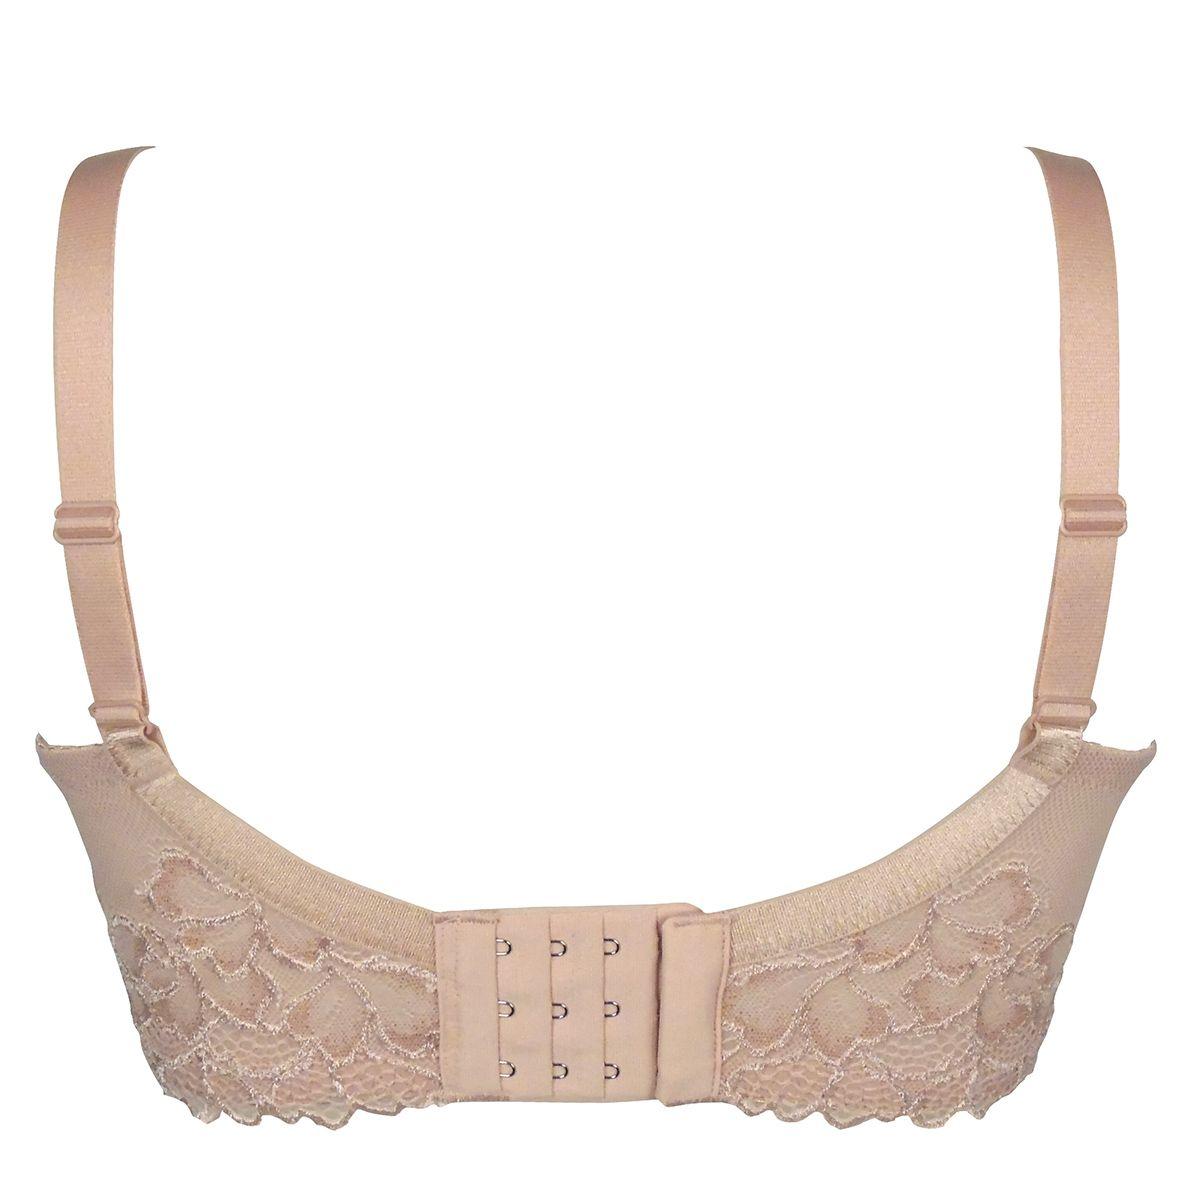 合适的文胸改善胸型华歌尔:什么牌子的内衣好啊 而且可以塑造胸形